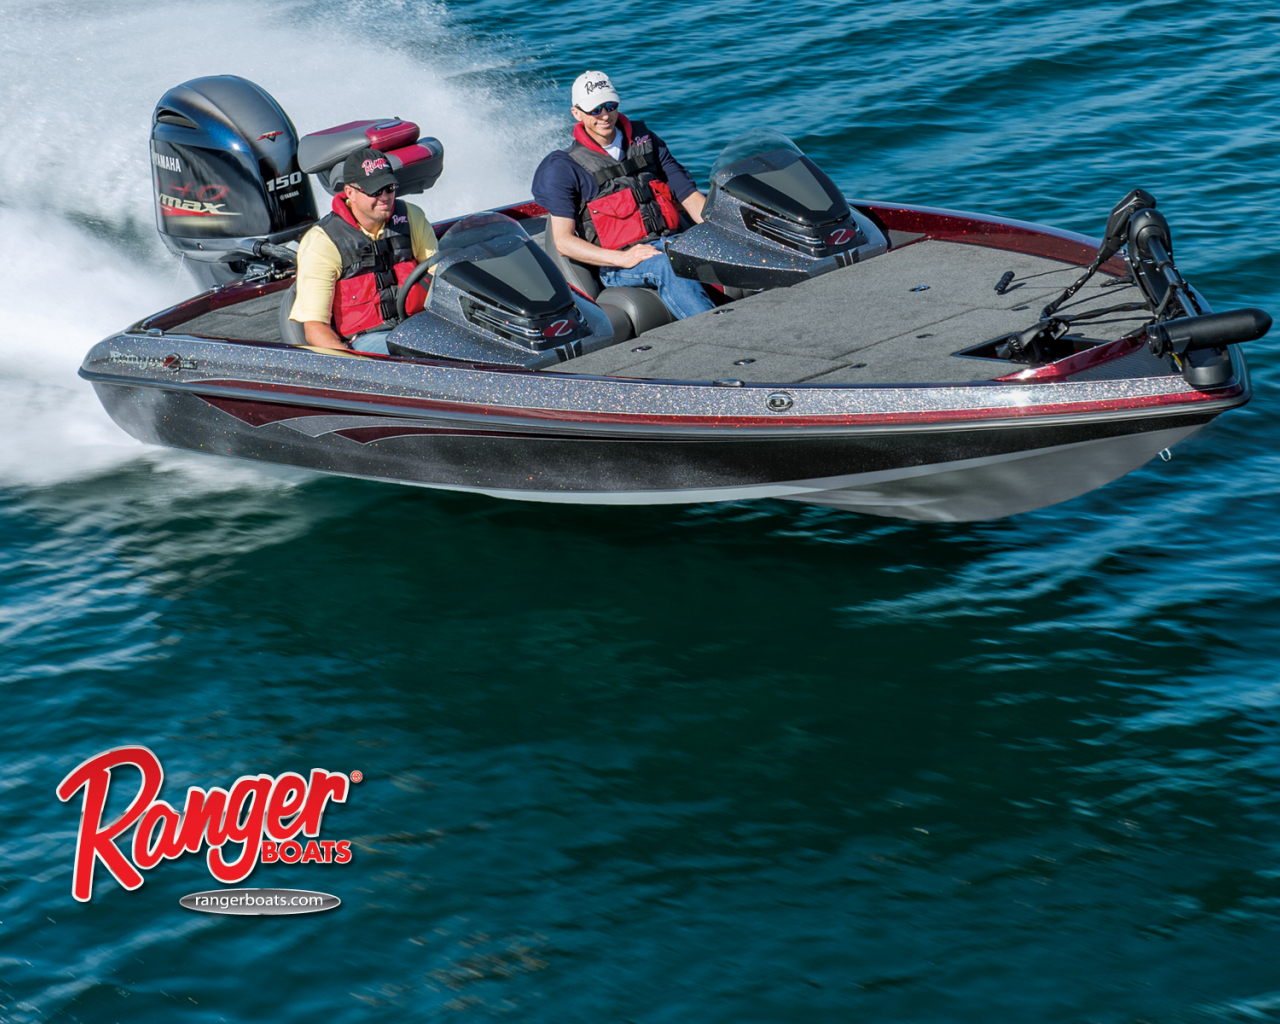 Get Ranger Boats Wallpaper Ranger boats wallpaper [1600x1200